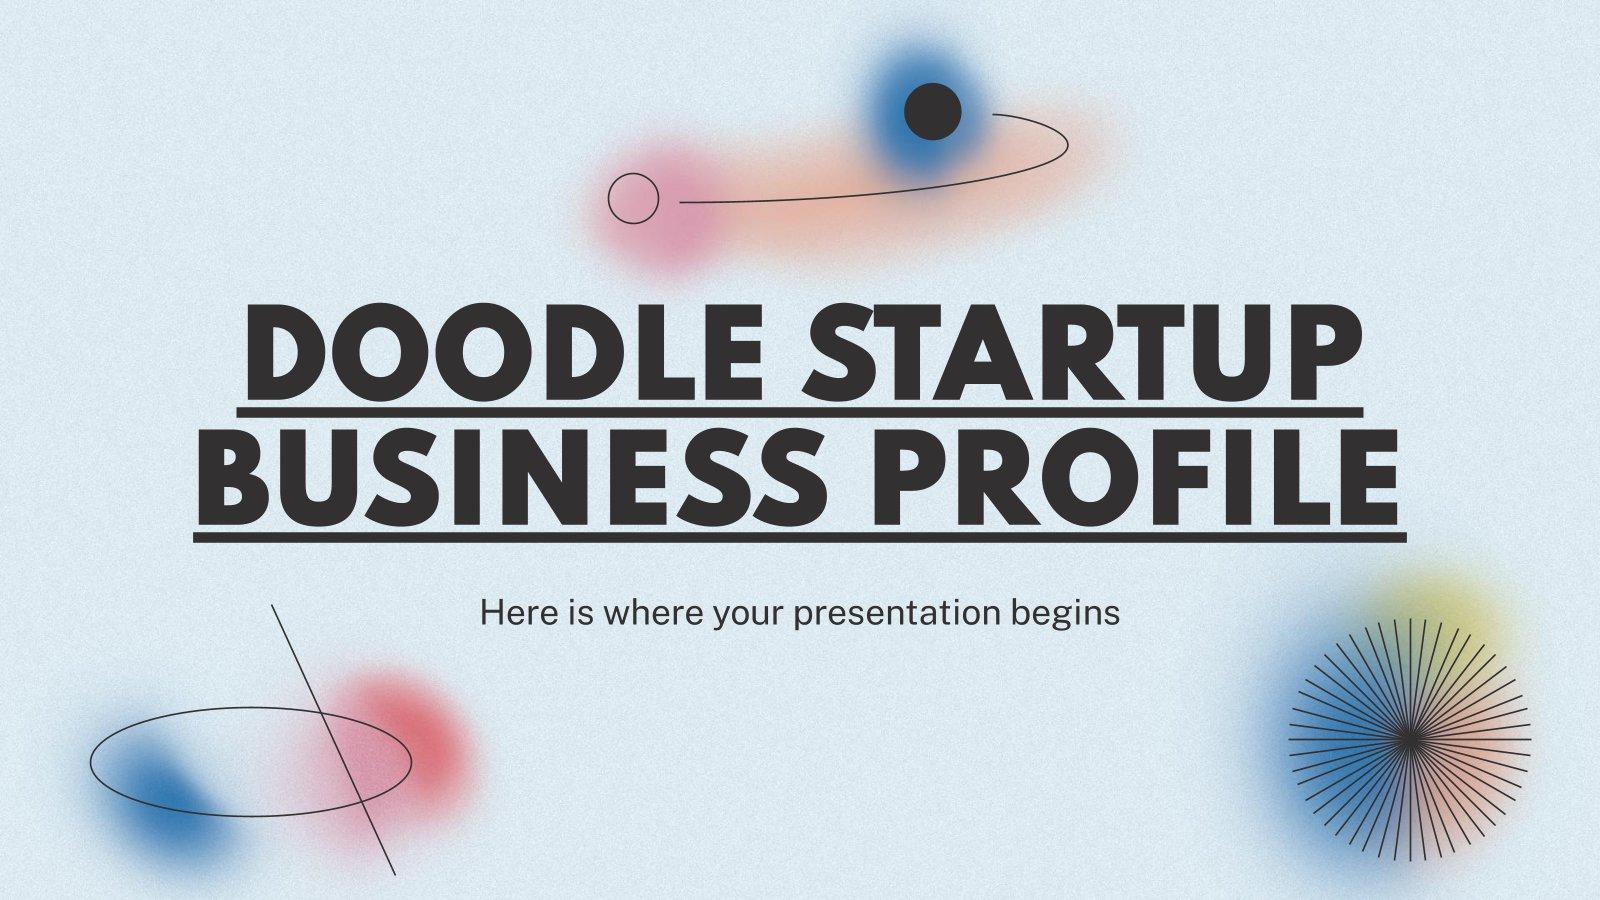 Doodle Startup Firmenprofil Präsentationsvorlage